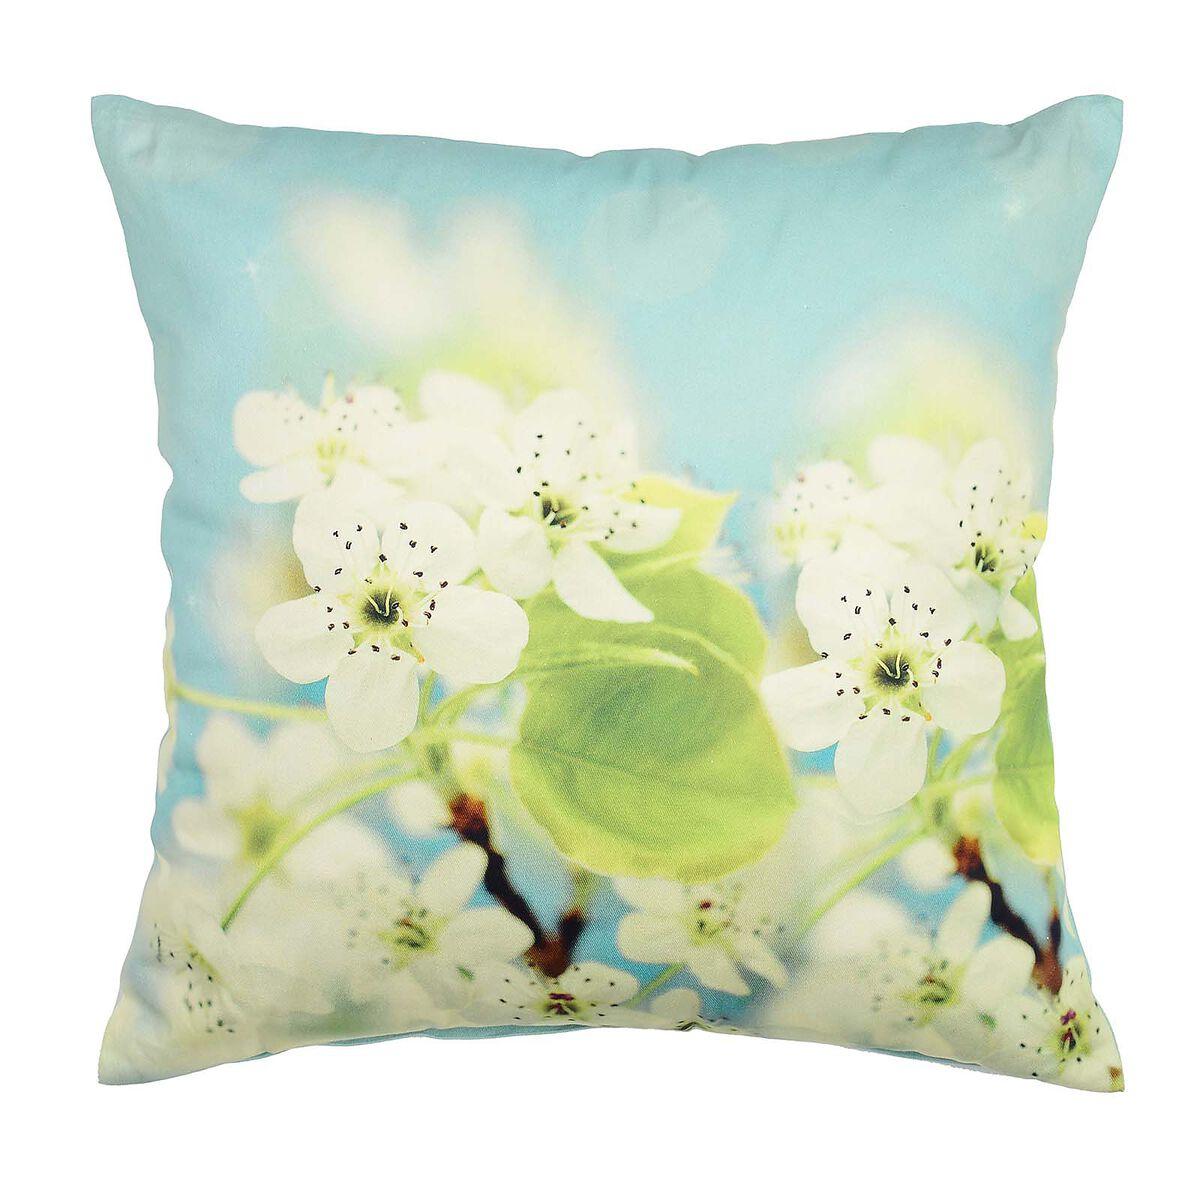 kissen cherry flower aqua ca b 45 x l 45 cm depot de. Black Bedroom Furniture Sets. Home Design Ideas